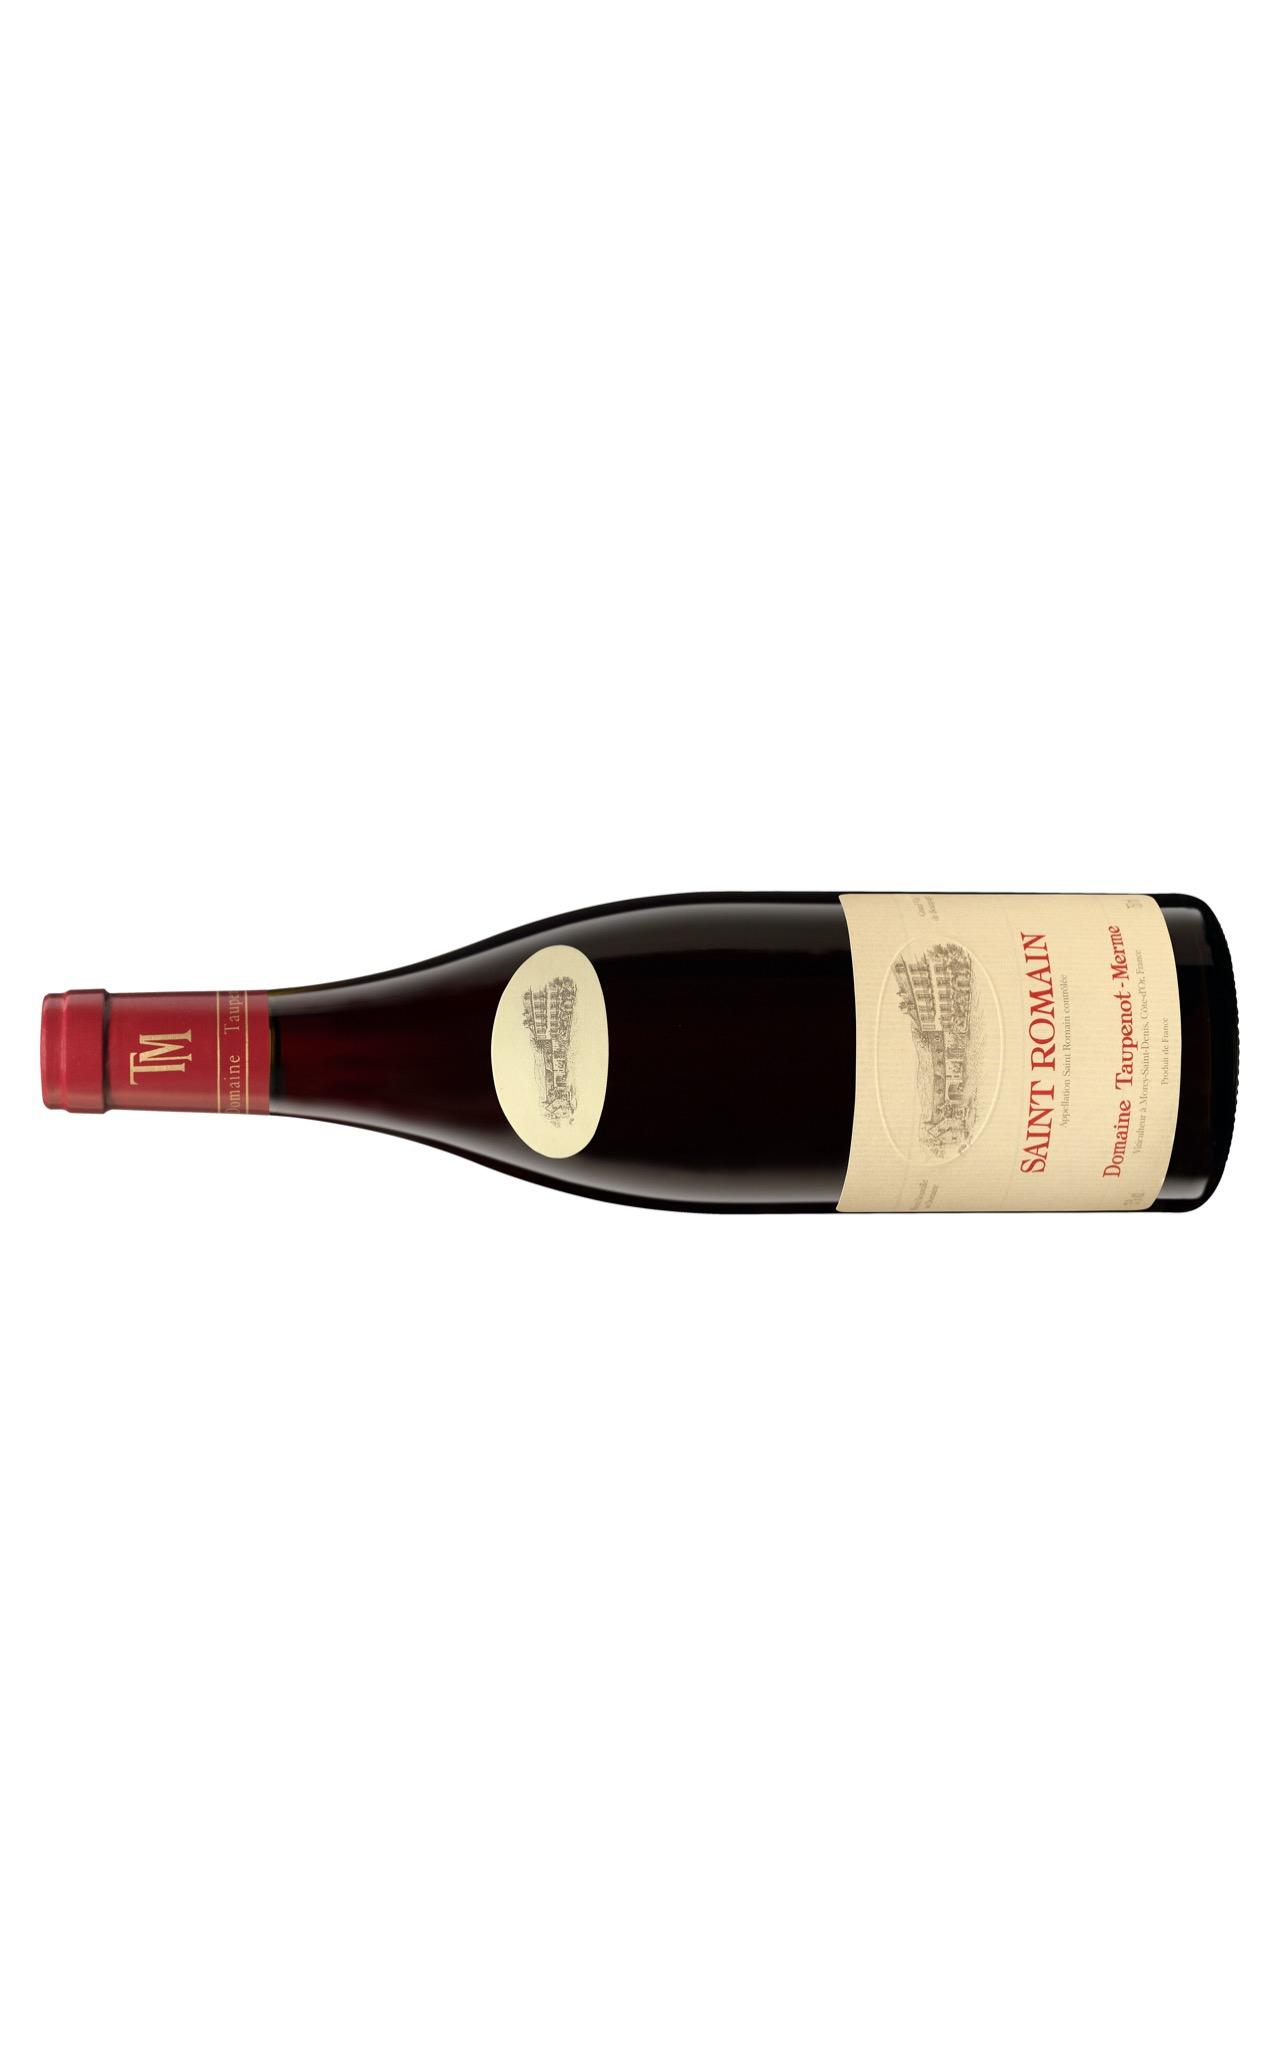 I søkelyset – Taupenot-Merme Saint Romain Rouge 2017